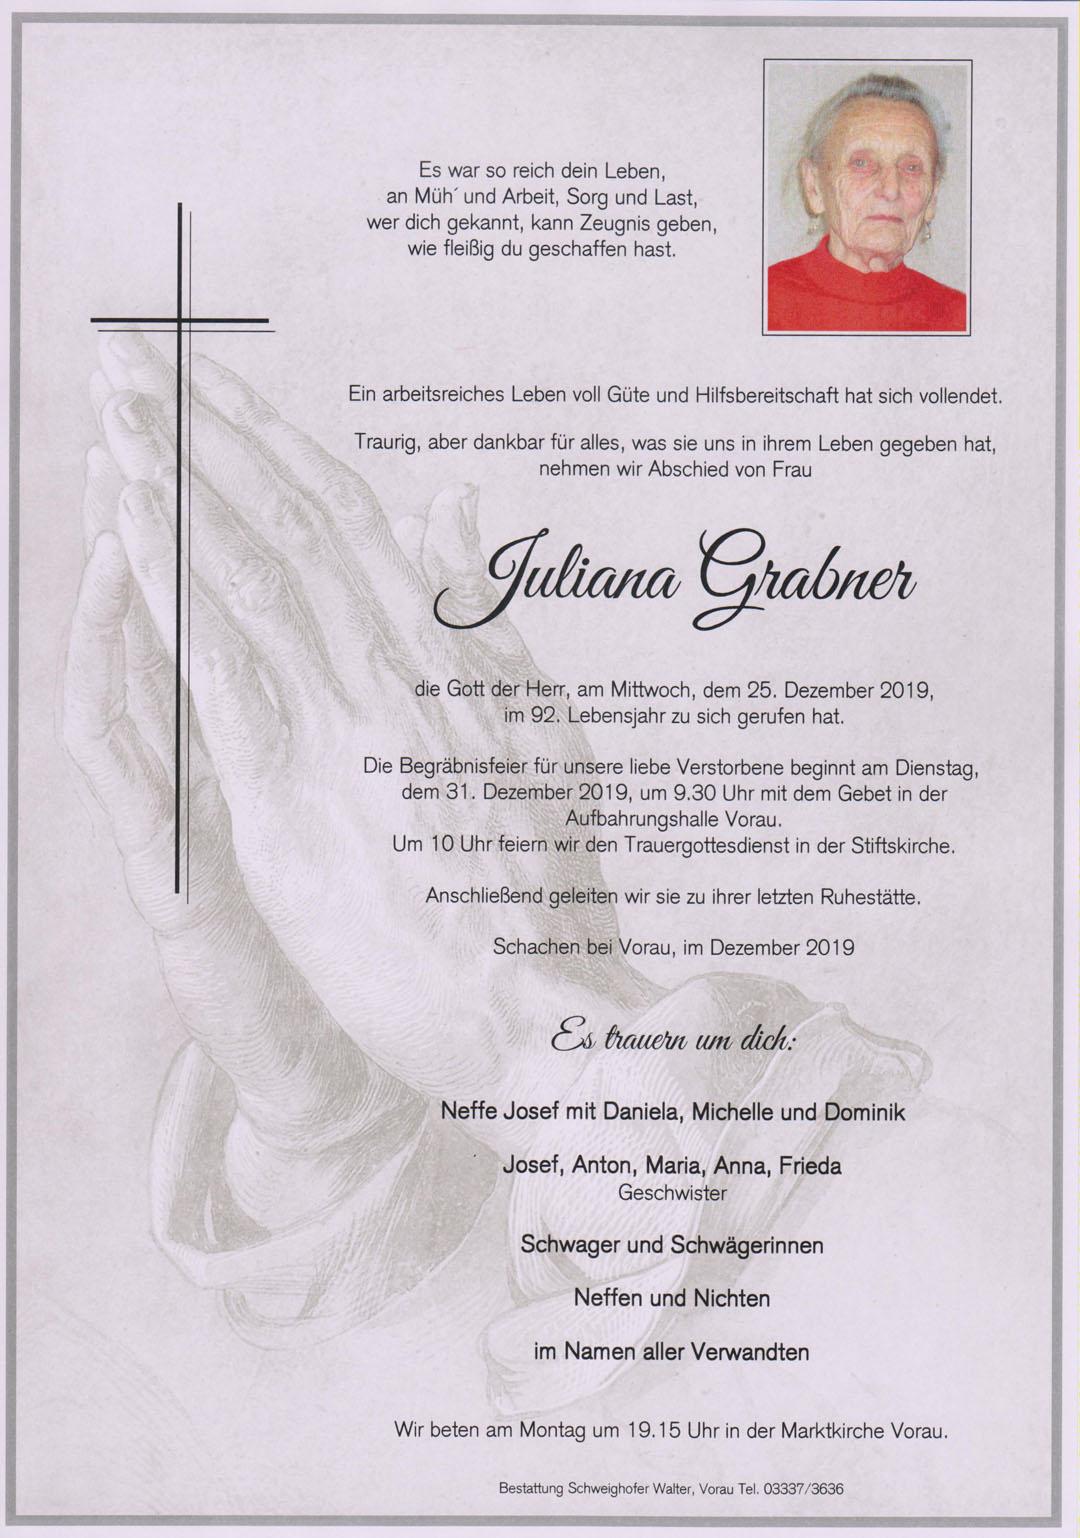 Juliana Grabner